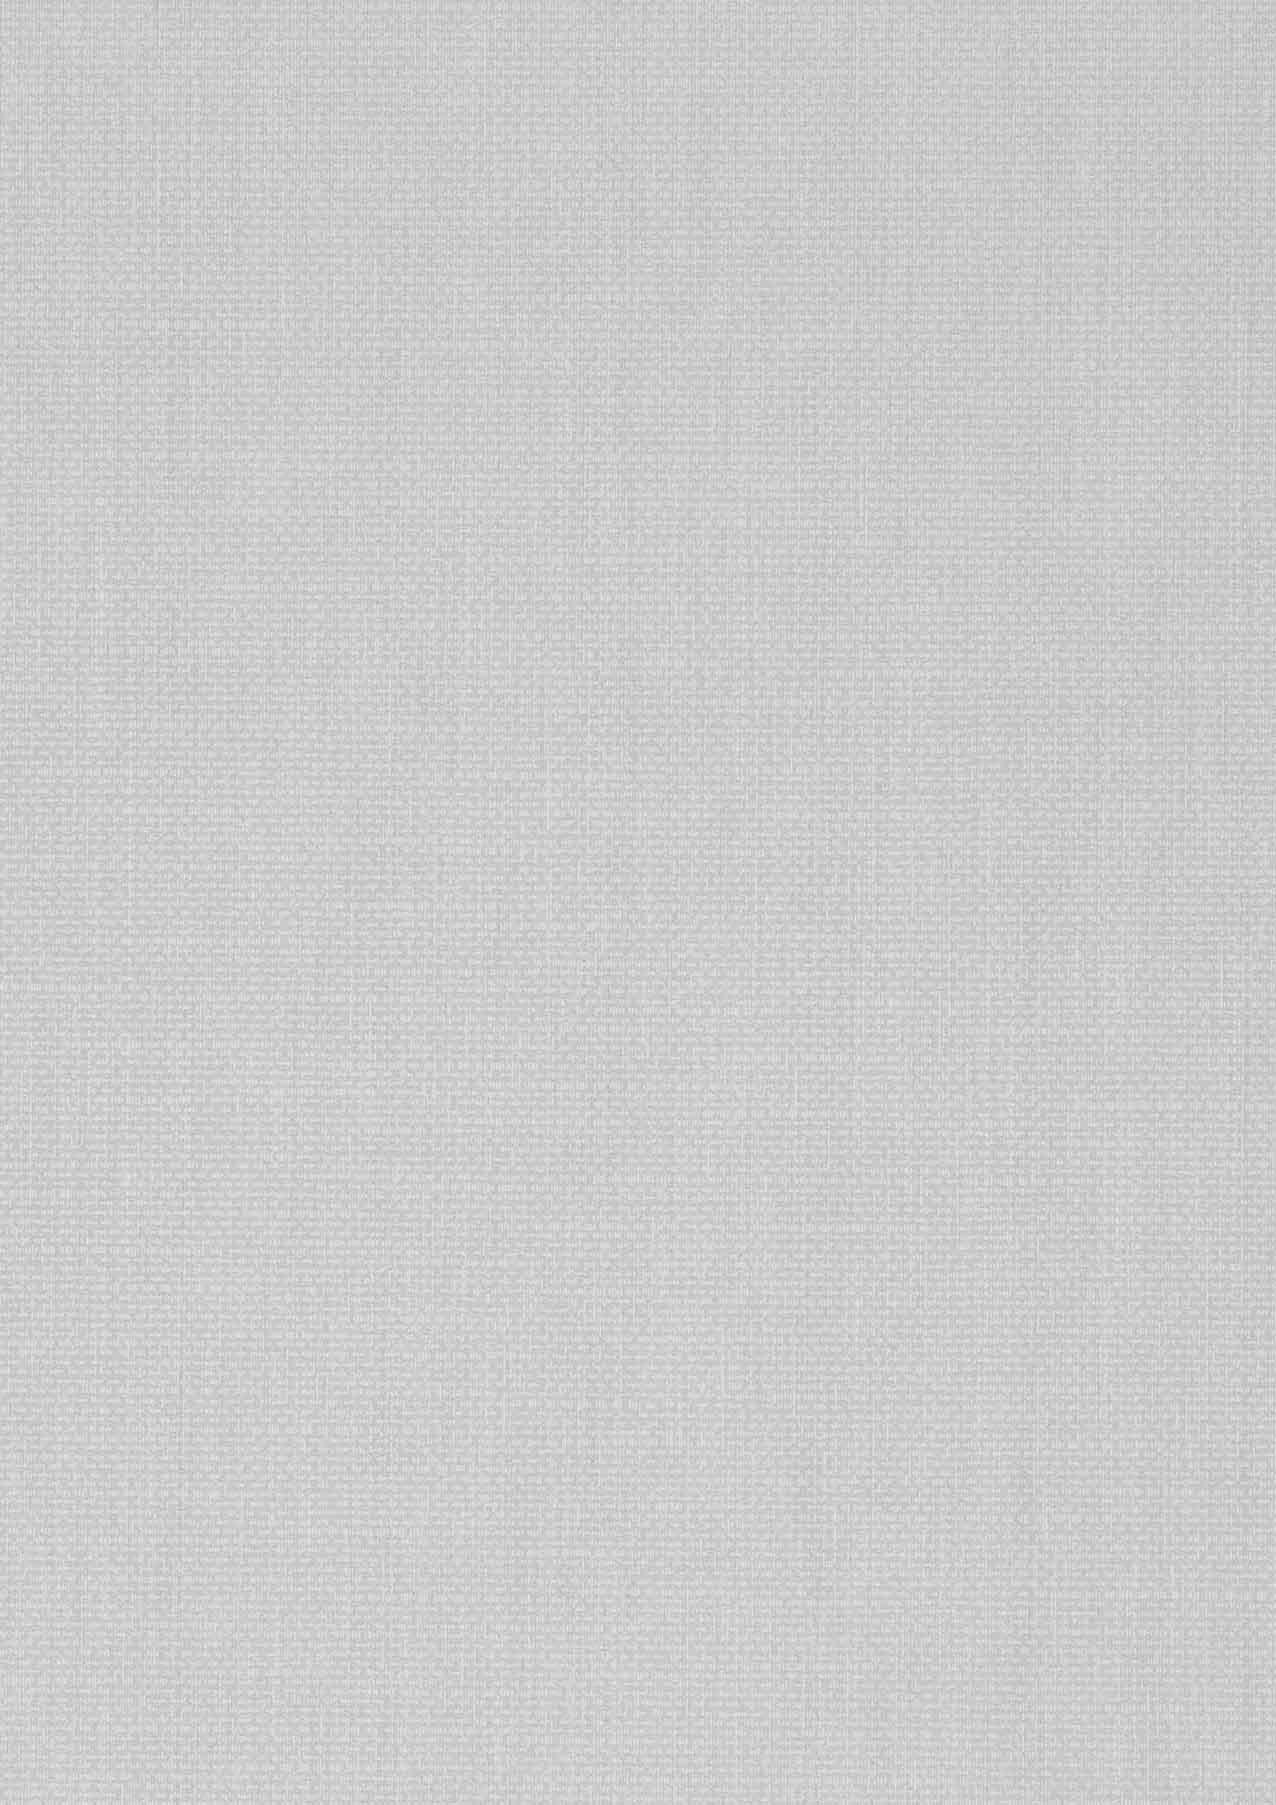 Tapete textile walls 06 grauweiss tapeten der 70er for Tapete nach hause